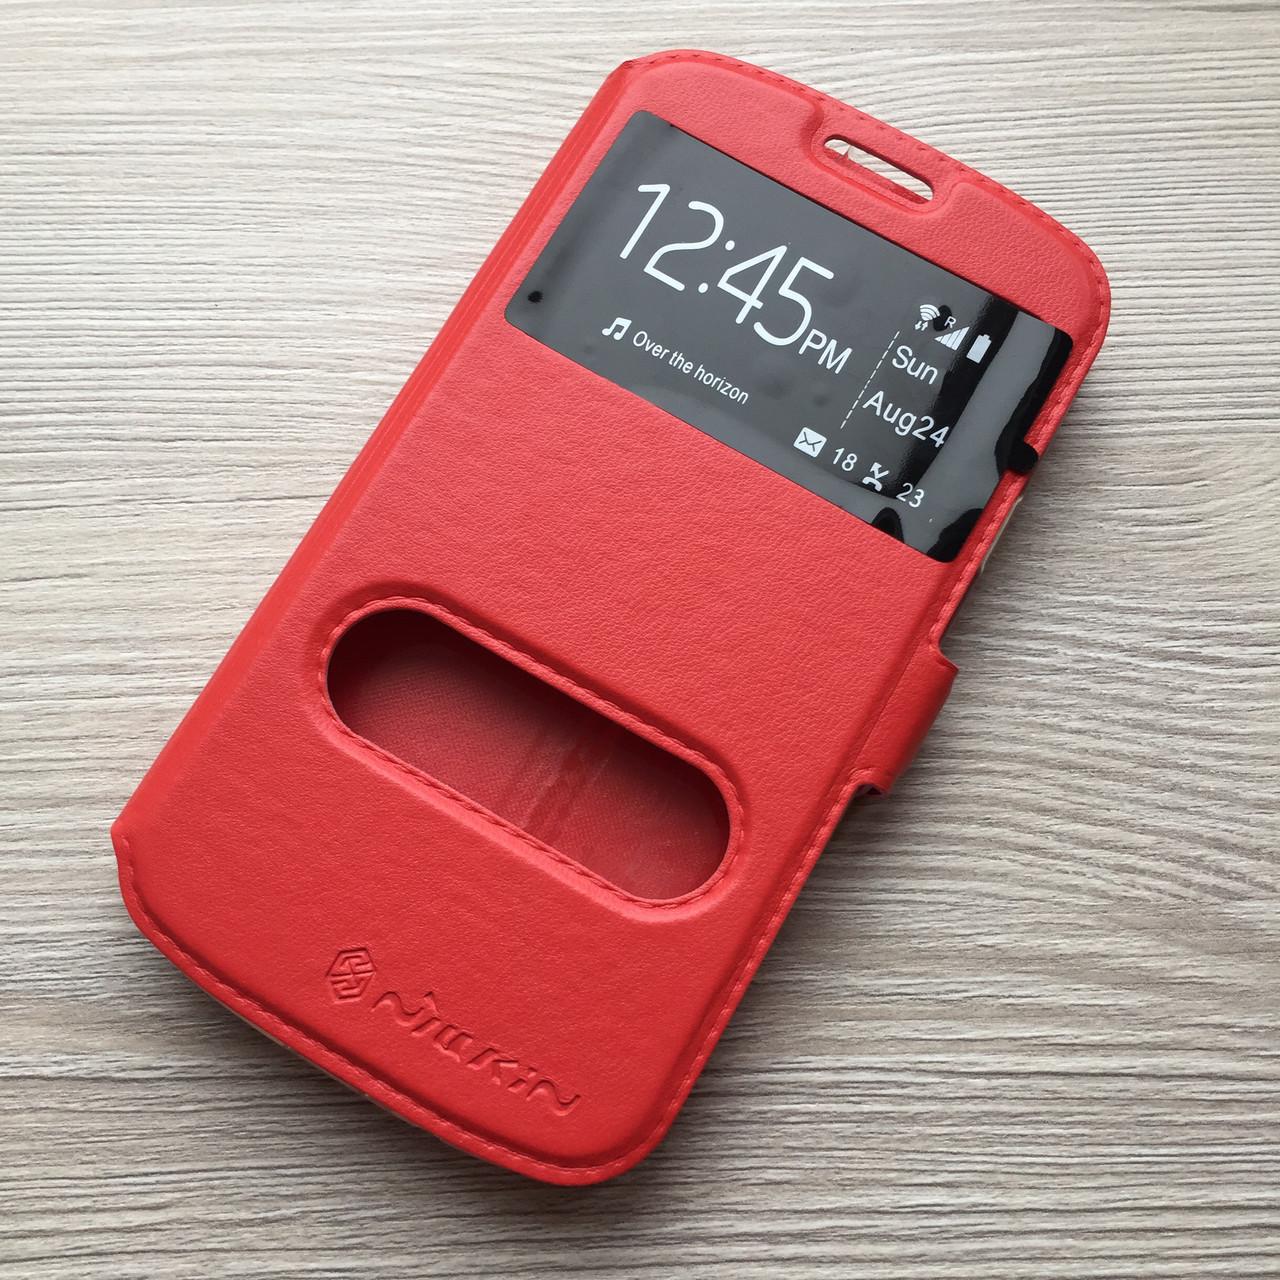 Фирменный Красный чехол к Samsung Galaxy S3 i9300, S3 Duos